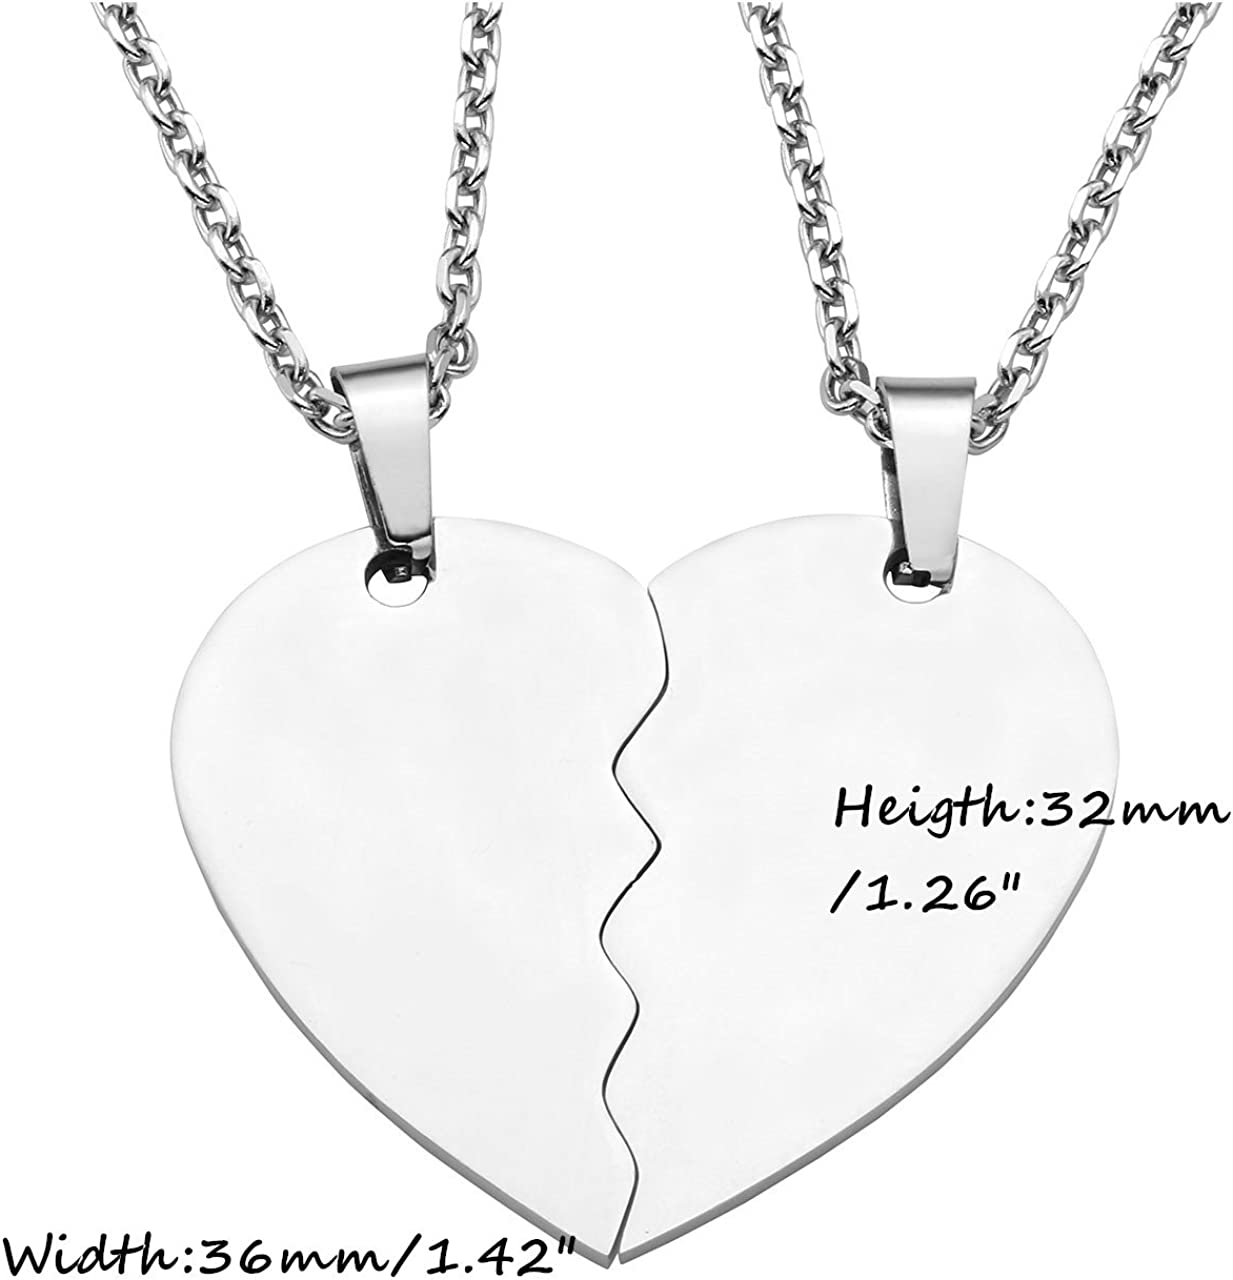 PiercingJ Lot de 2/colliers assortis personnalisables en acier inoxydable Pendentifs c/œur /à assembler Cha/îne de 61/cm